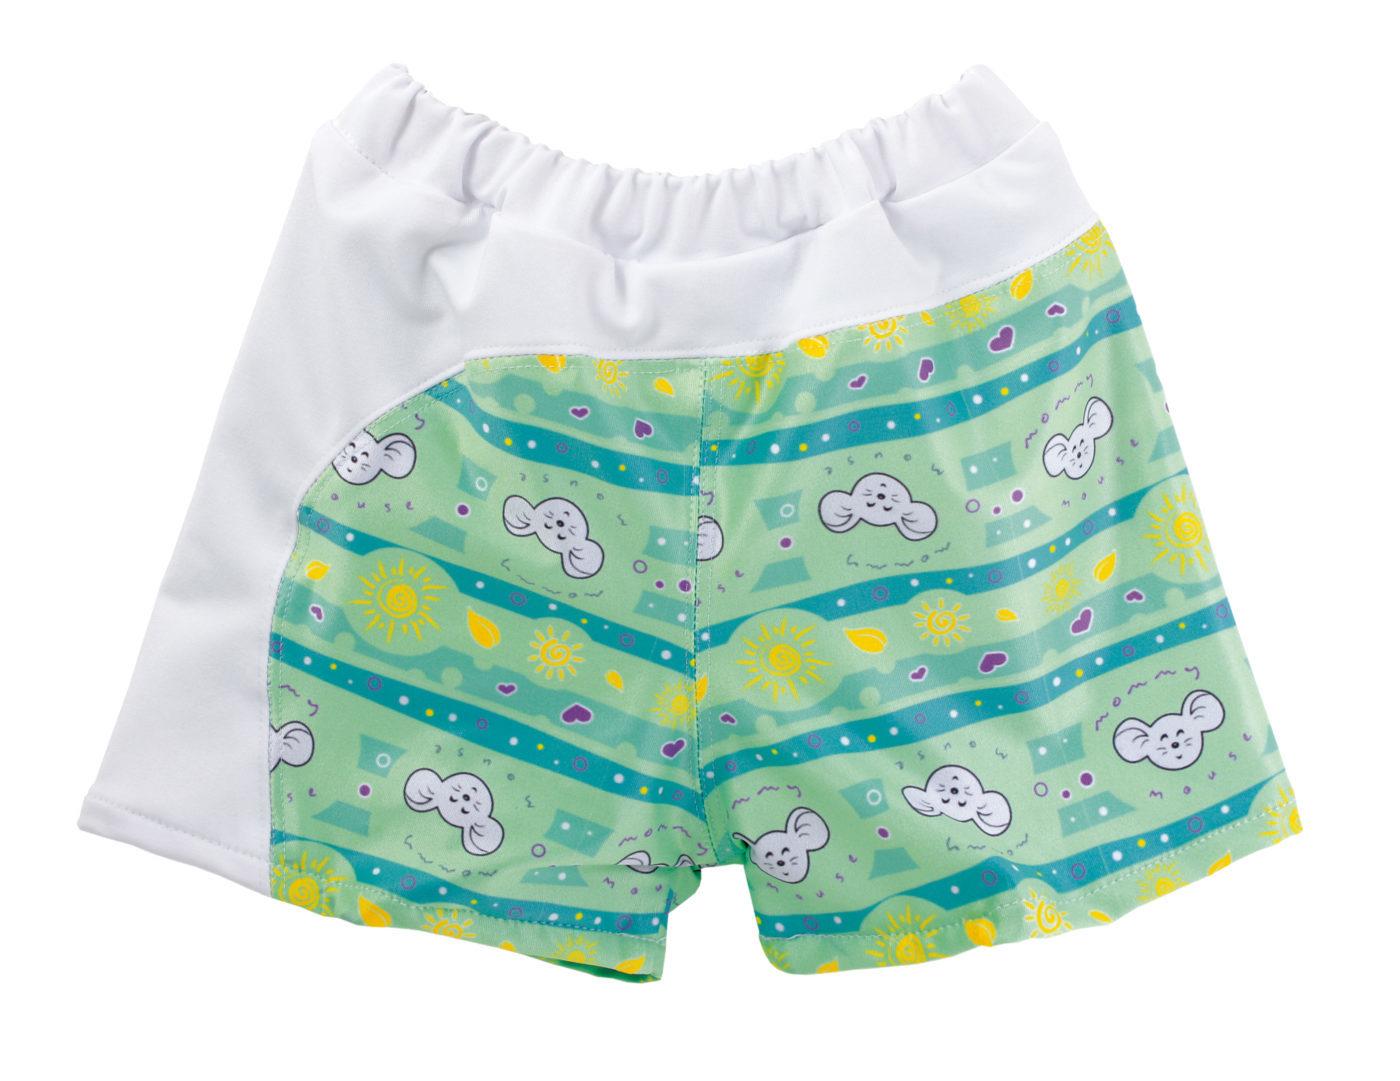 Boys swim trunks (MOJE SŁONECZKO)